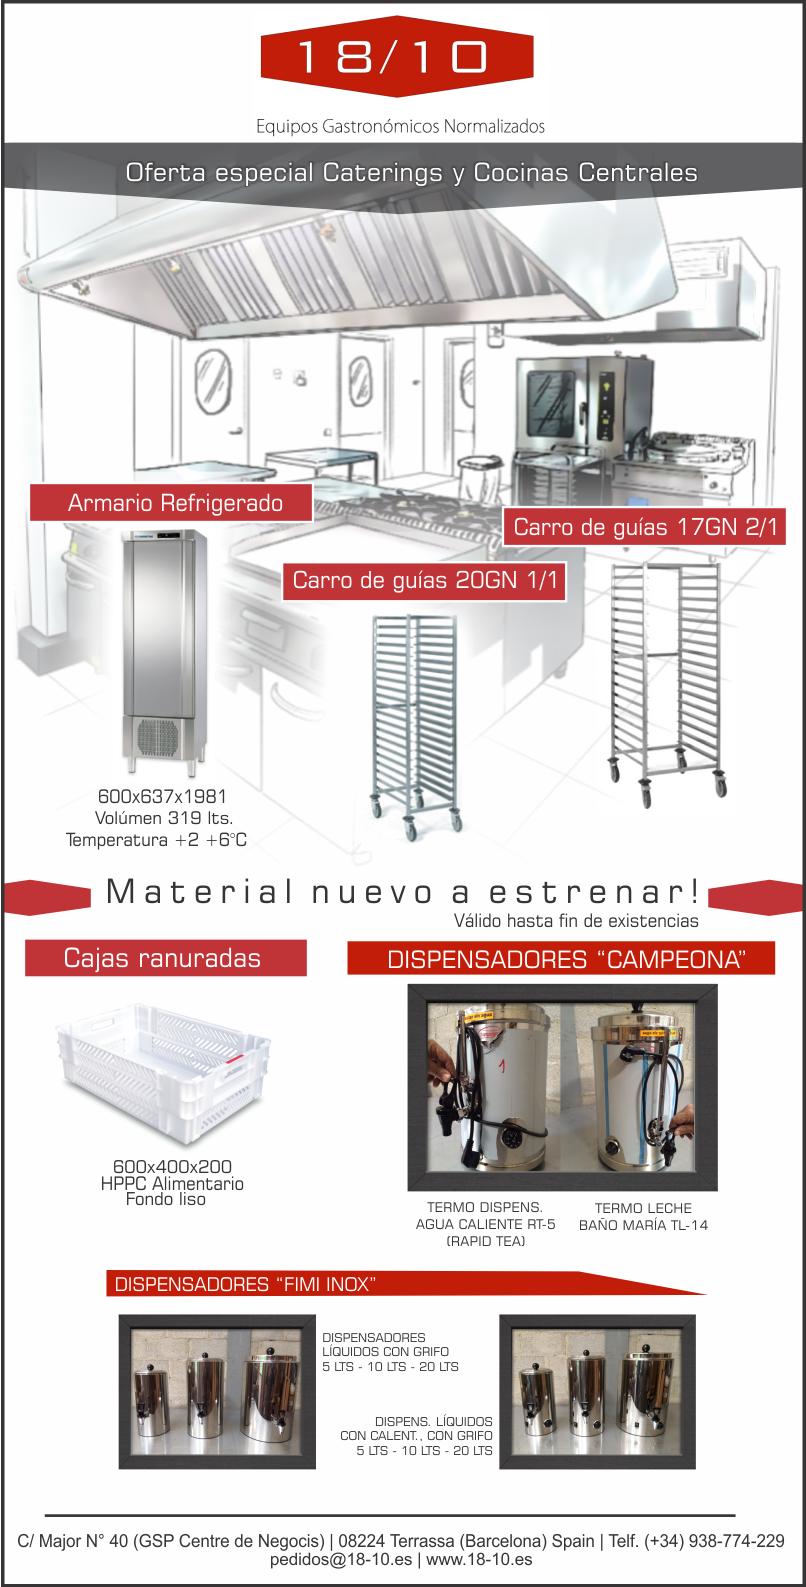 Cocinas Centrales S.a | Oferta Especial Caterings Y Cocinas Centrales 18 10